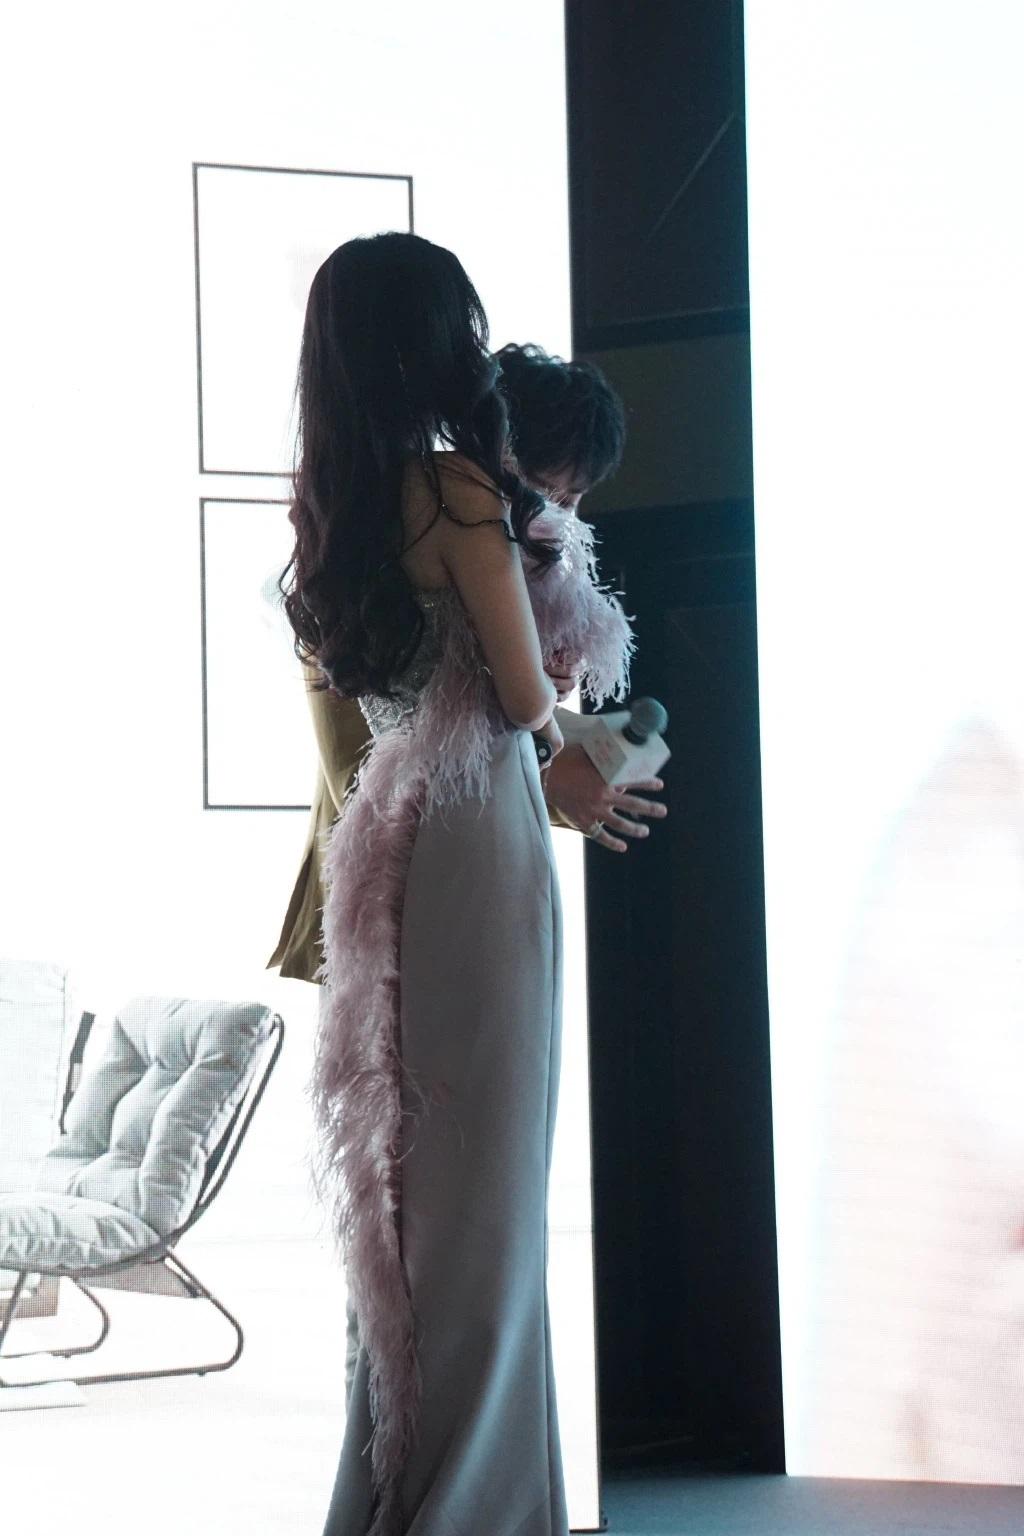 """Dương Mịch lao vào cuộc đua đồ cao cấp, đổi stylist để """"lấy le"""" diện đồ Haute Couture đi sự kiện nhưng vẫn bị dân tình chê bai - Ảnh 9."""